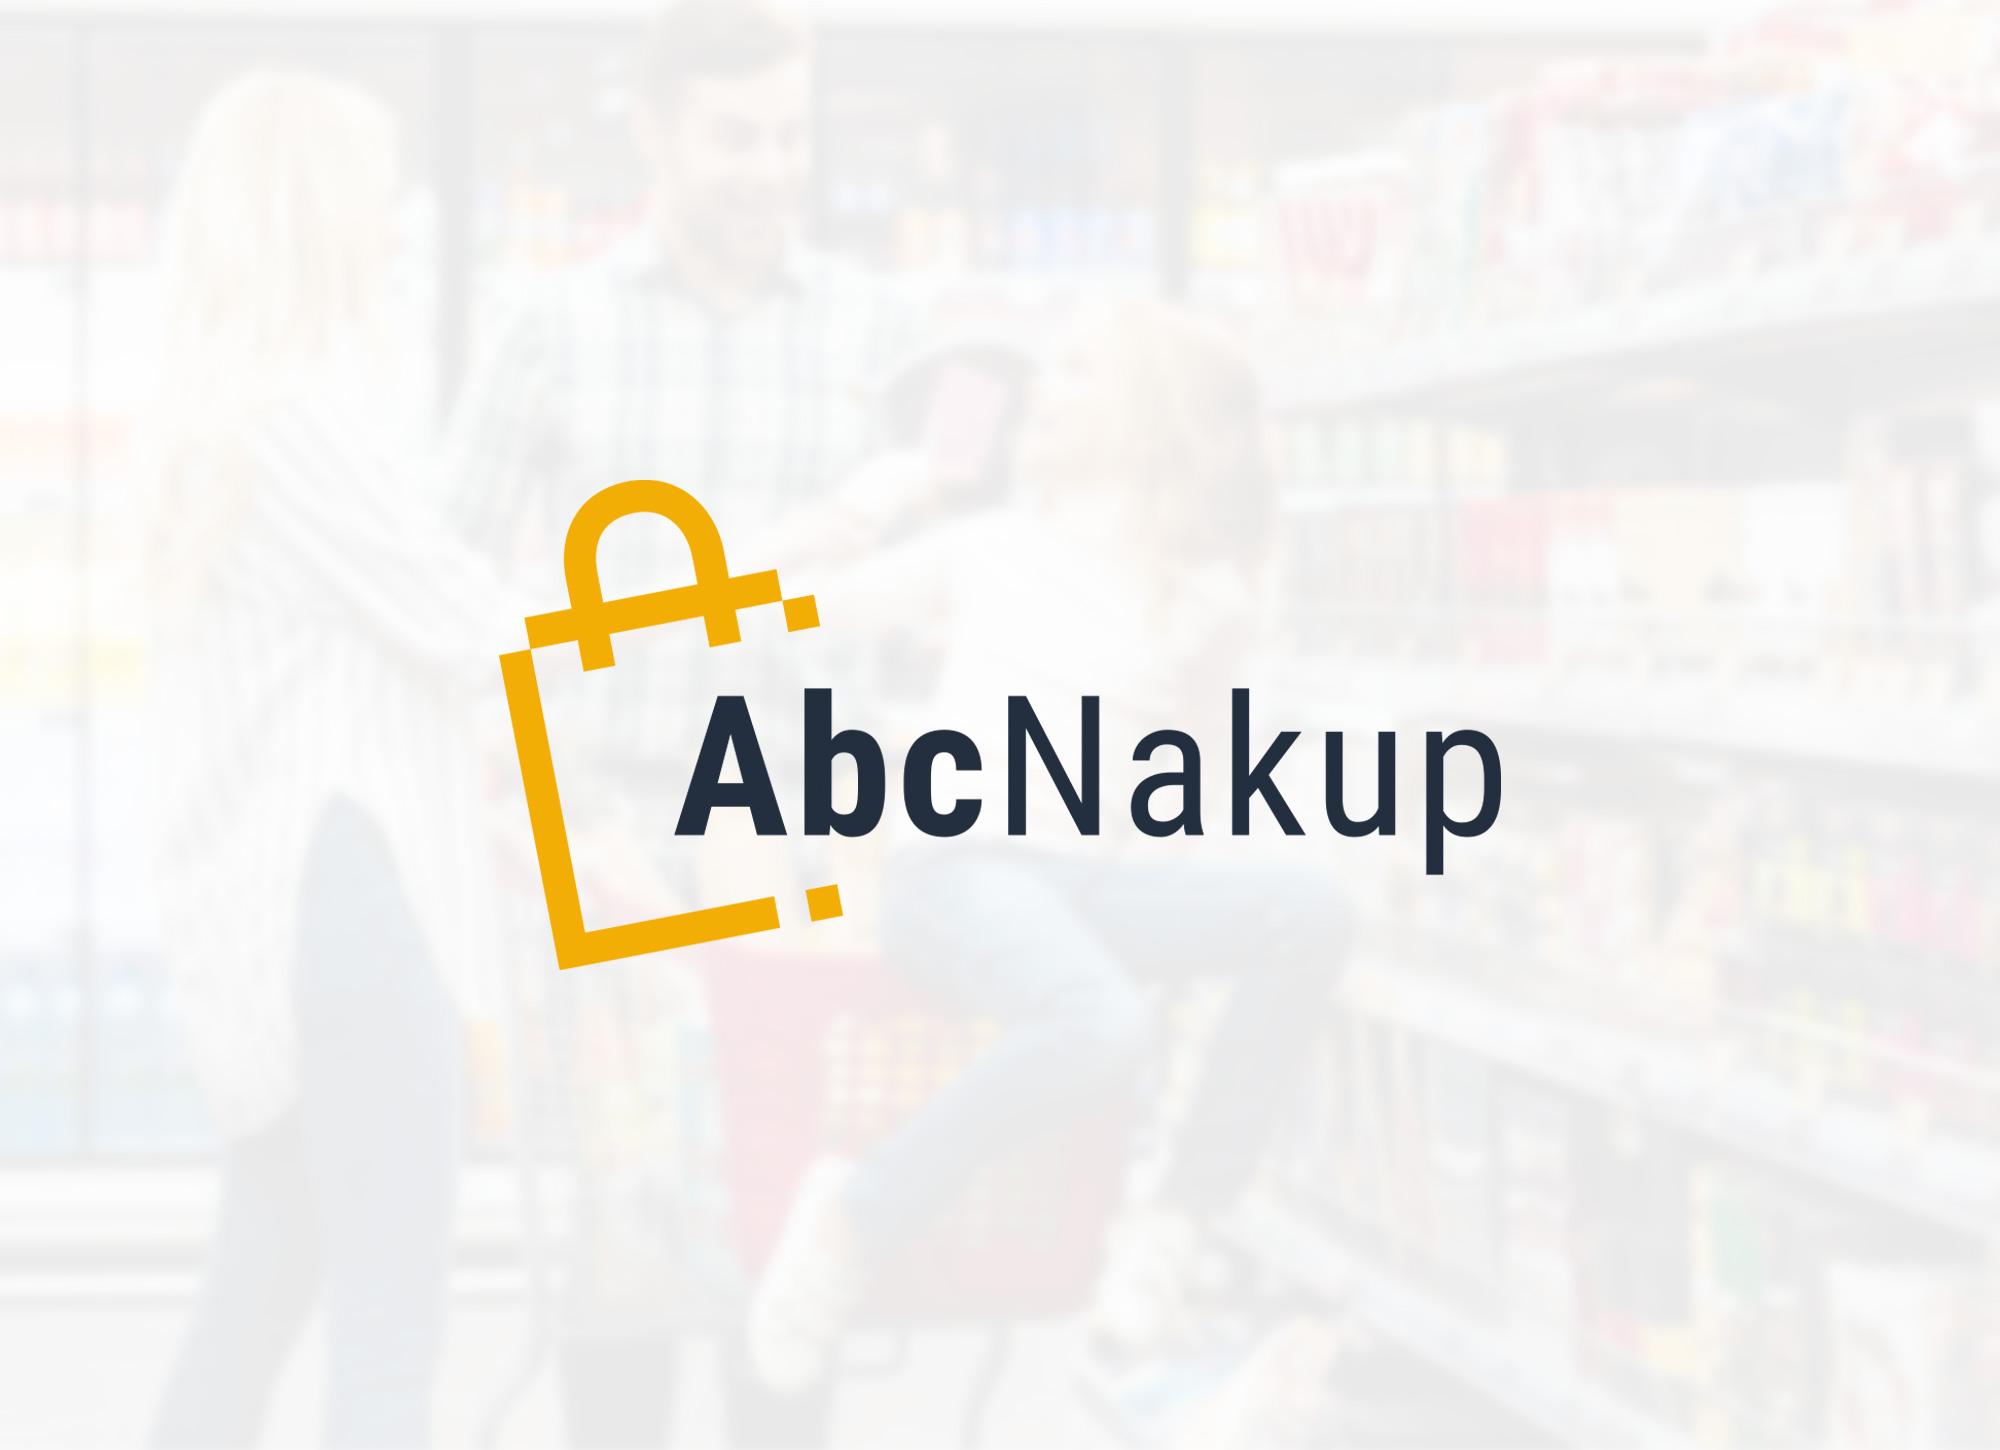 Izdelava logotipa podjetja ABC nakup d.o.o.